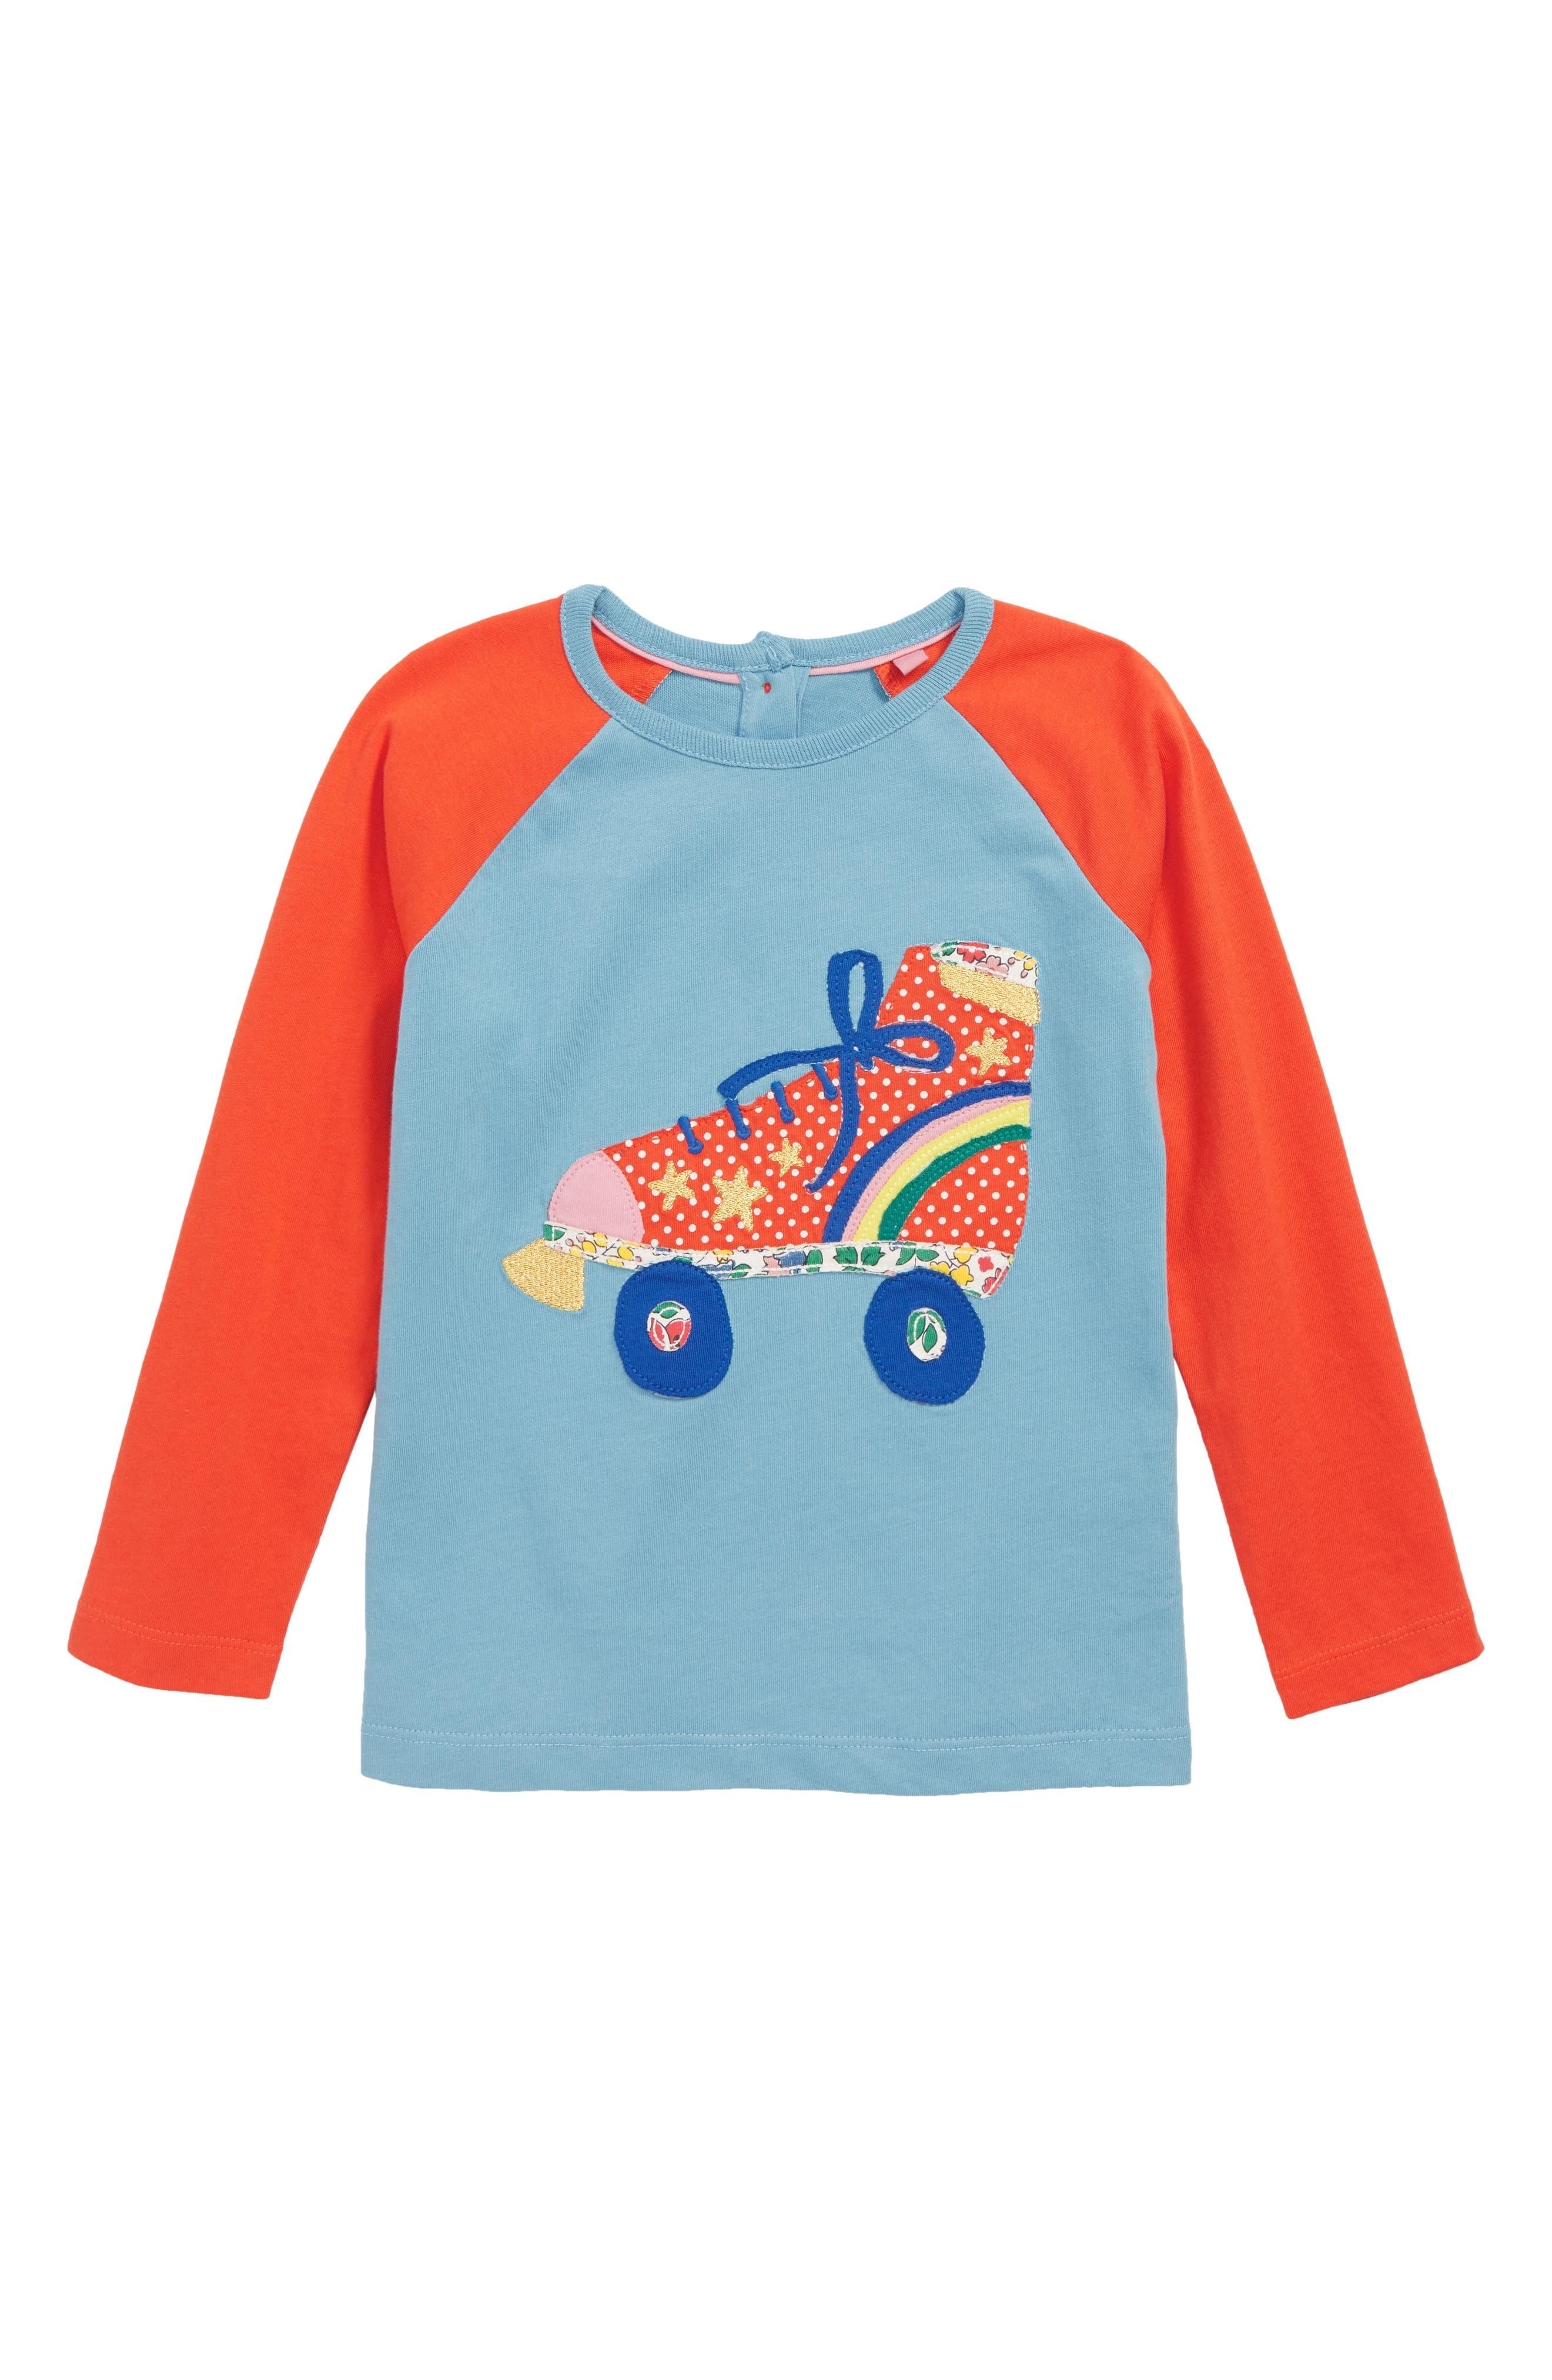 Appliqué Raglan T-Shirt,                             Main thumbnail 1, color,                             DELPHINIUM BLUE ROLLERBOOT